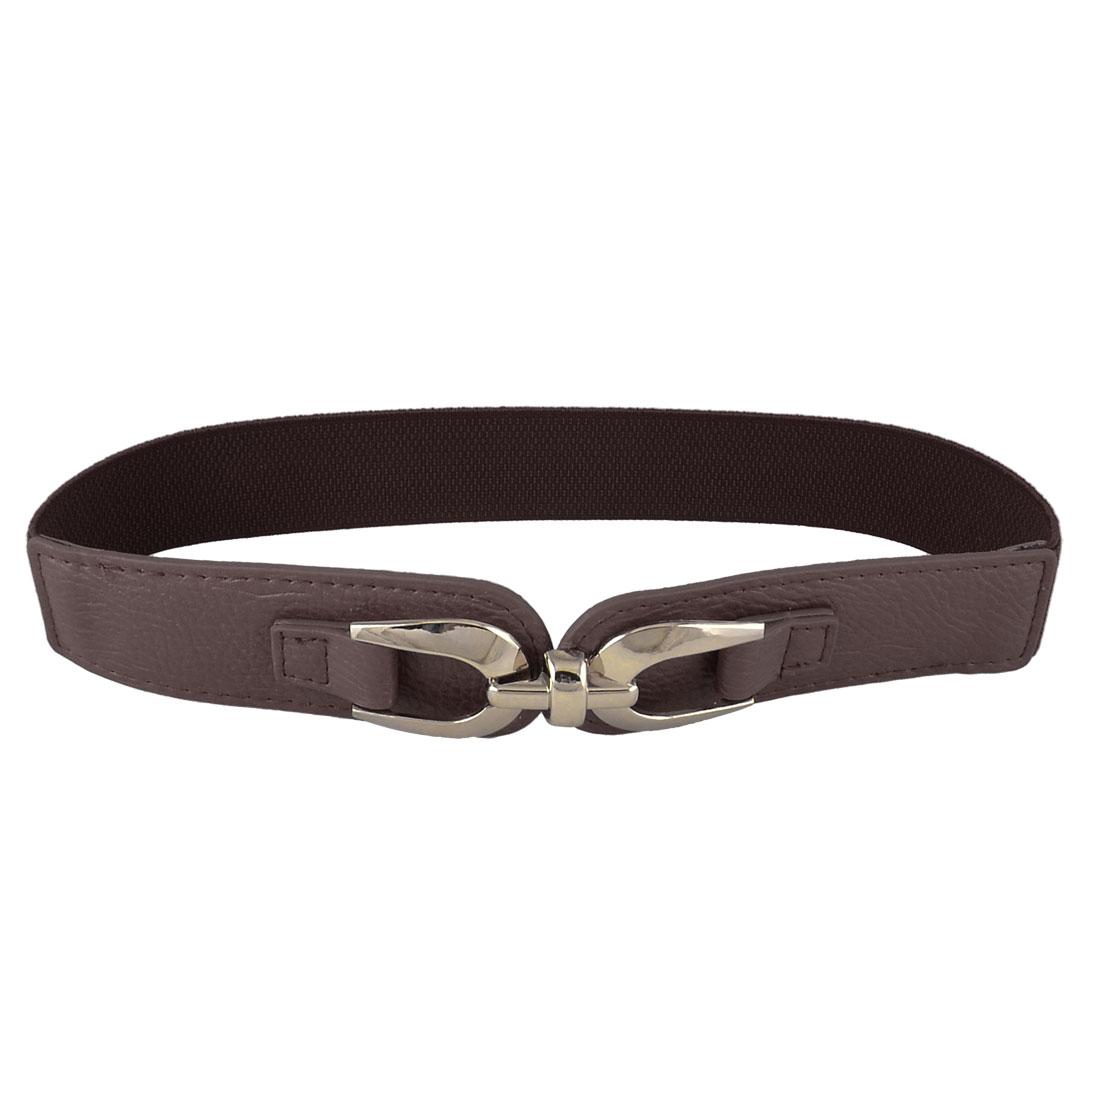 """Interlocking Buckle Elastic High Waistband Waist Belt 1.5"""" Wide Dark Brown for Lady"""